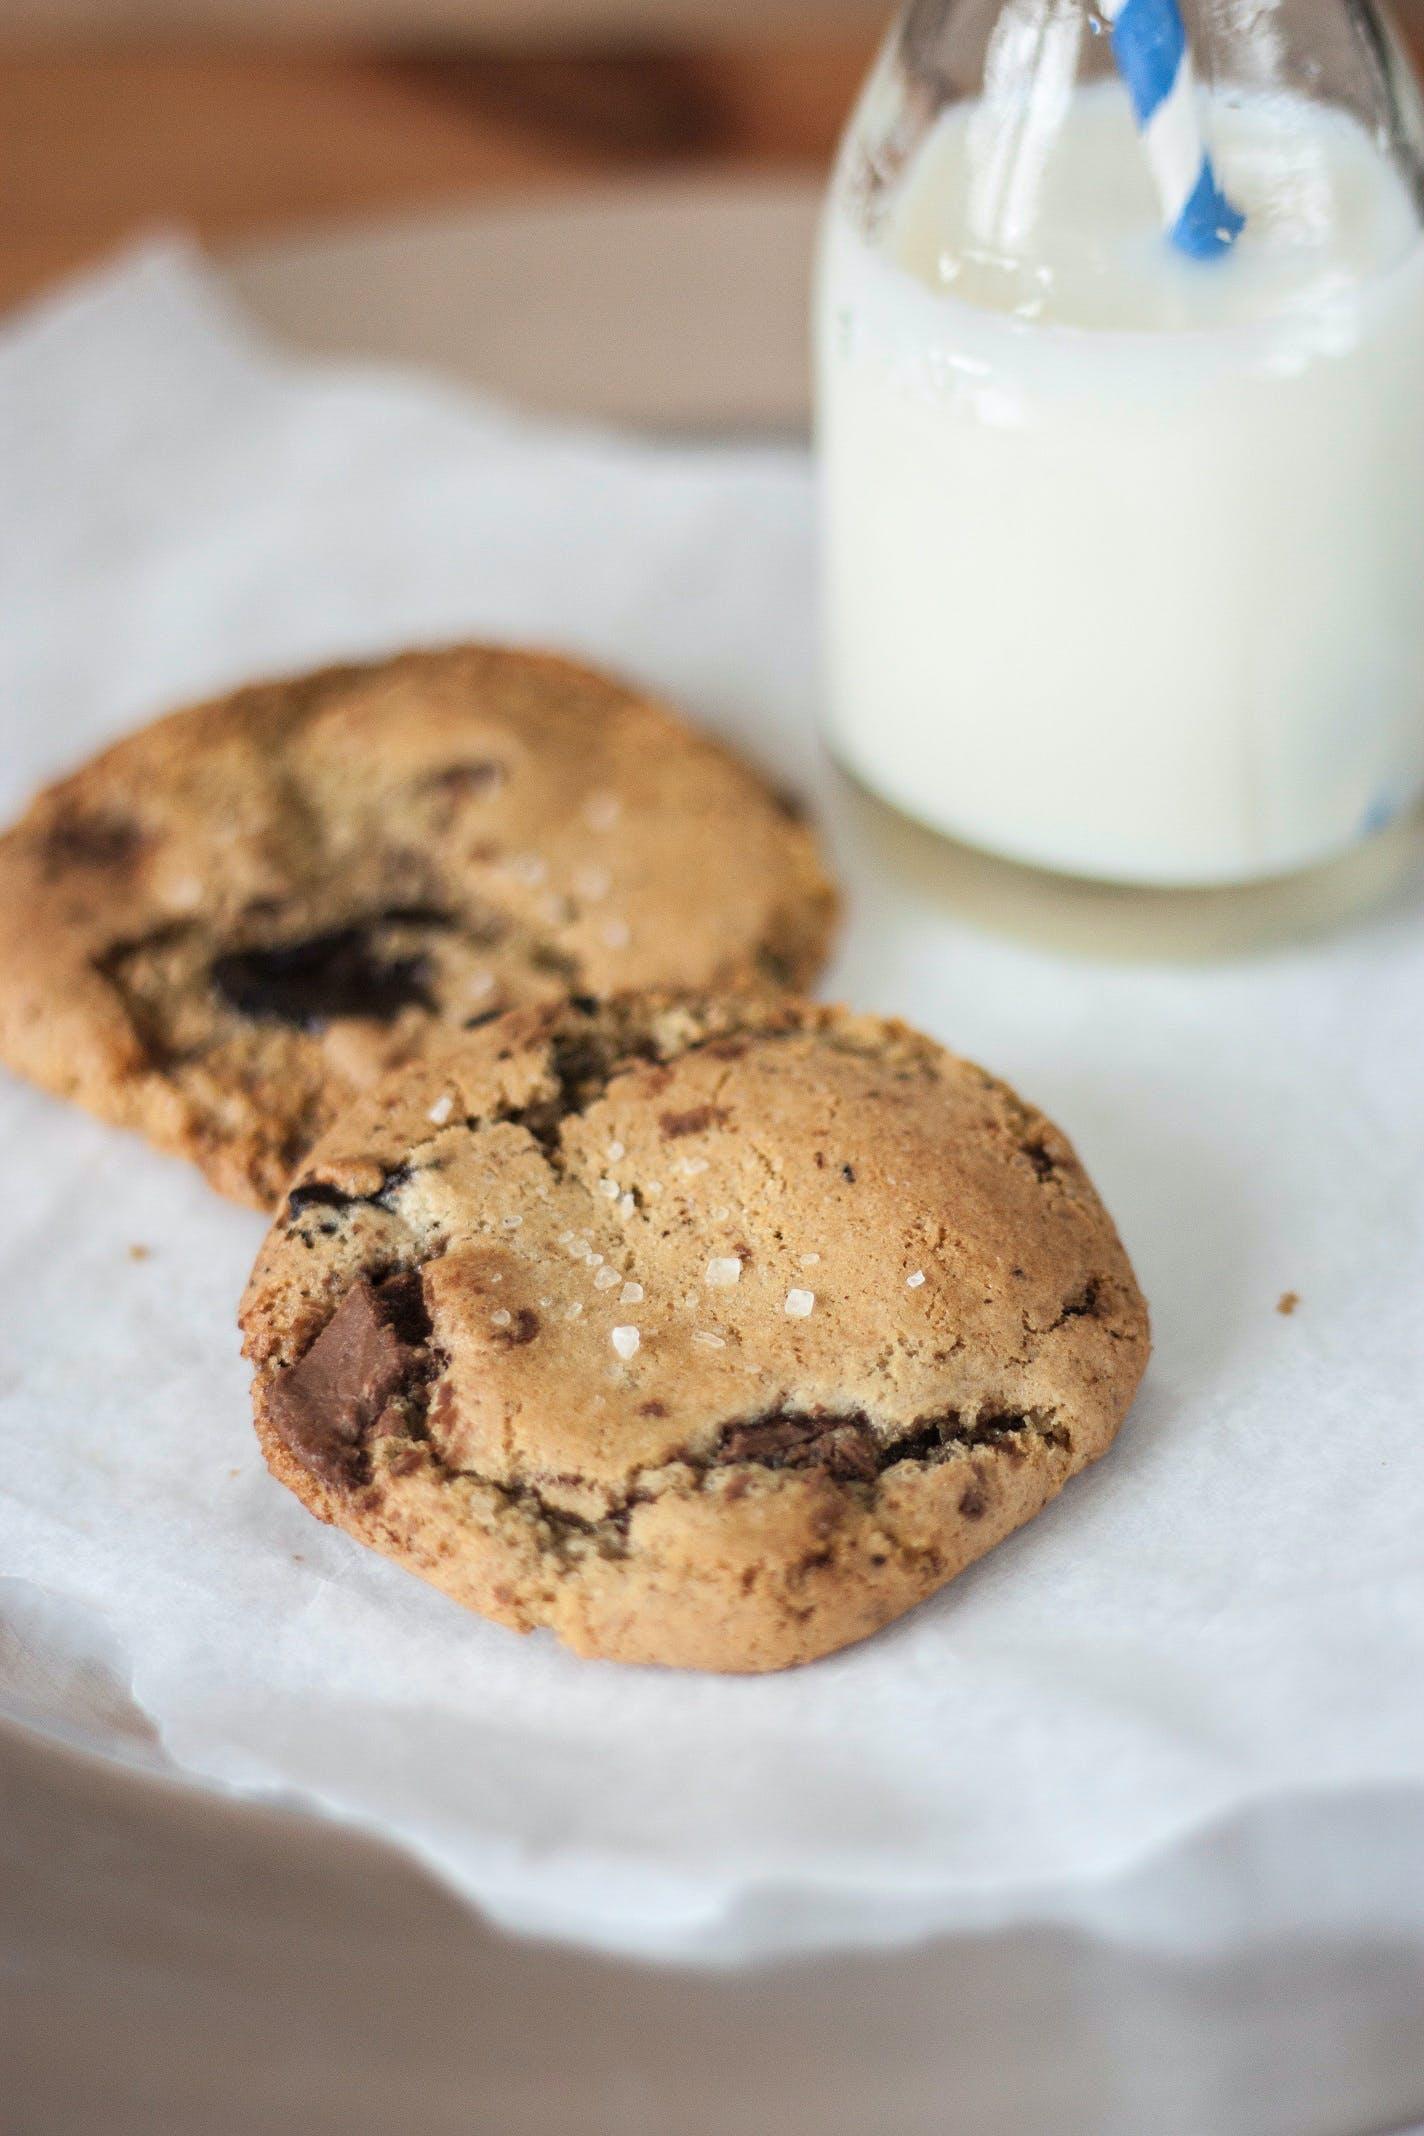 チョコレート, フード, ミルク, 砂糖の無料の写真素材